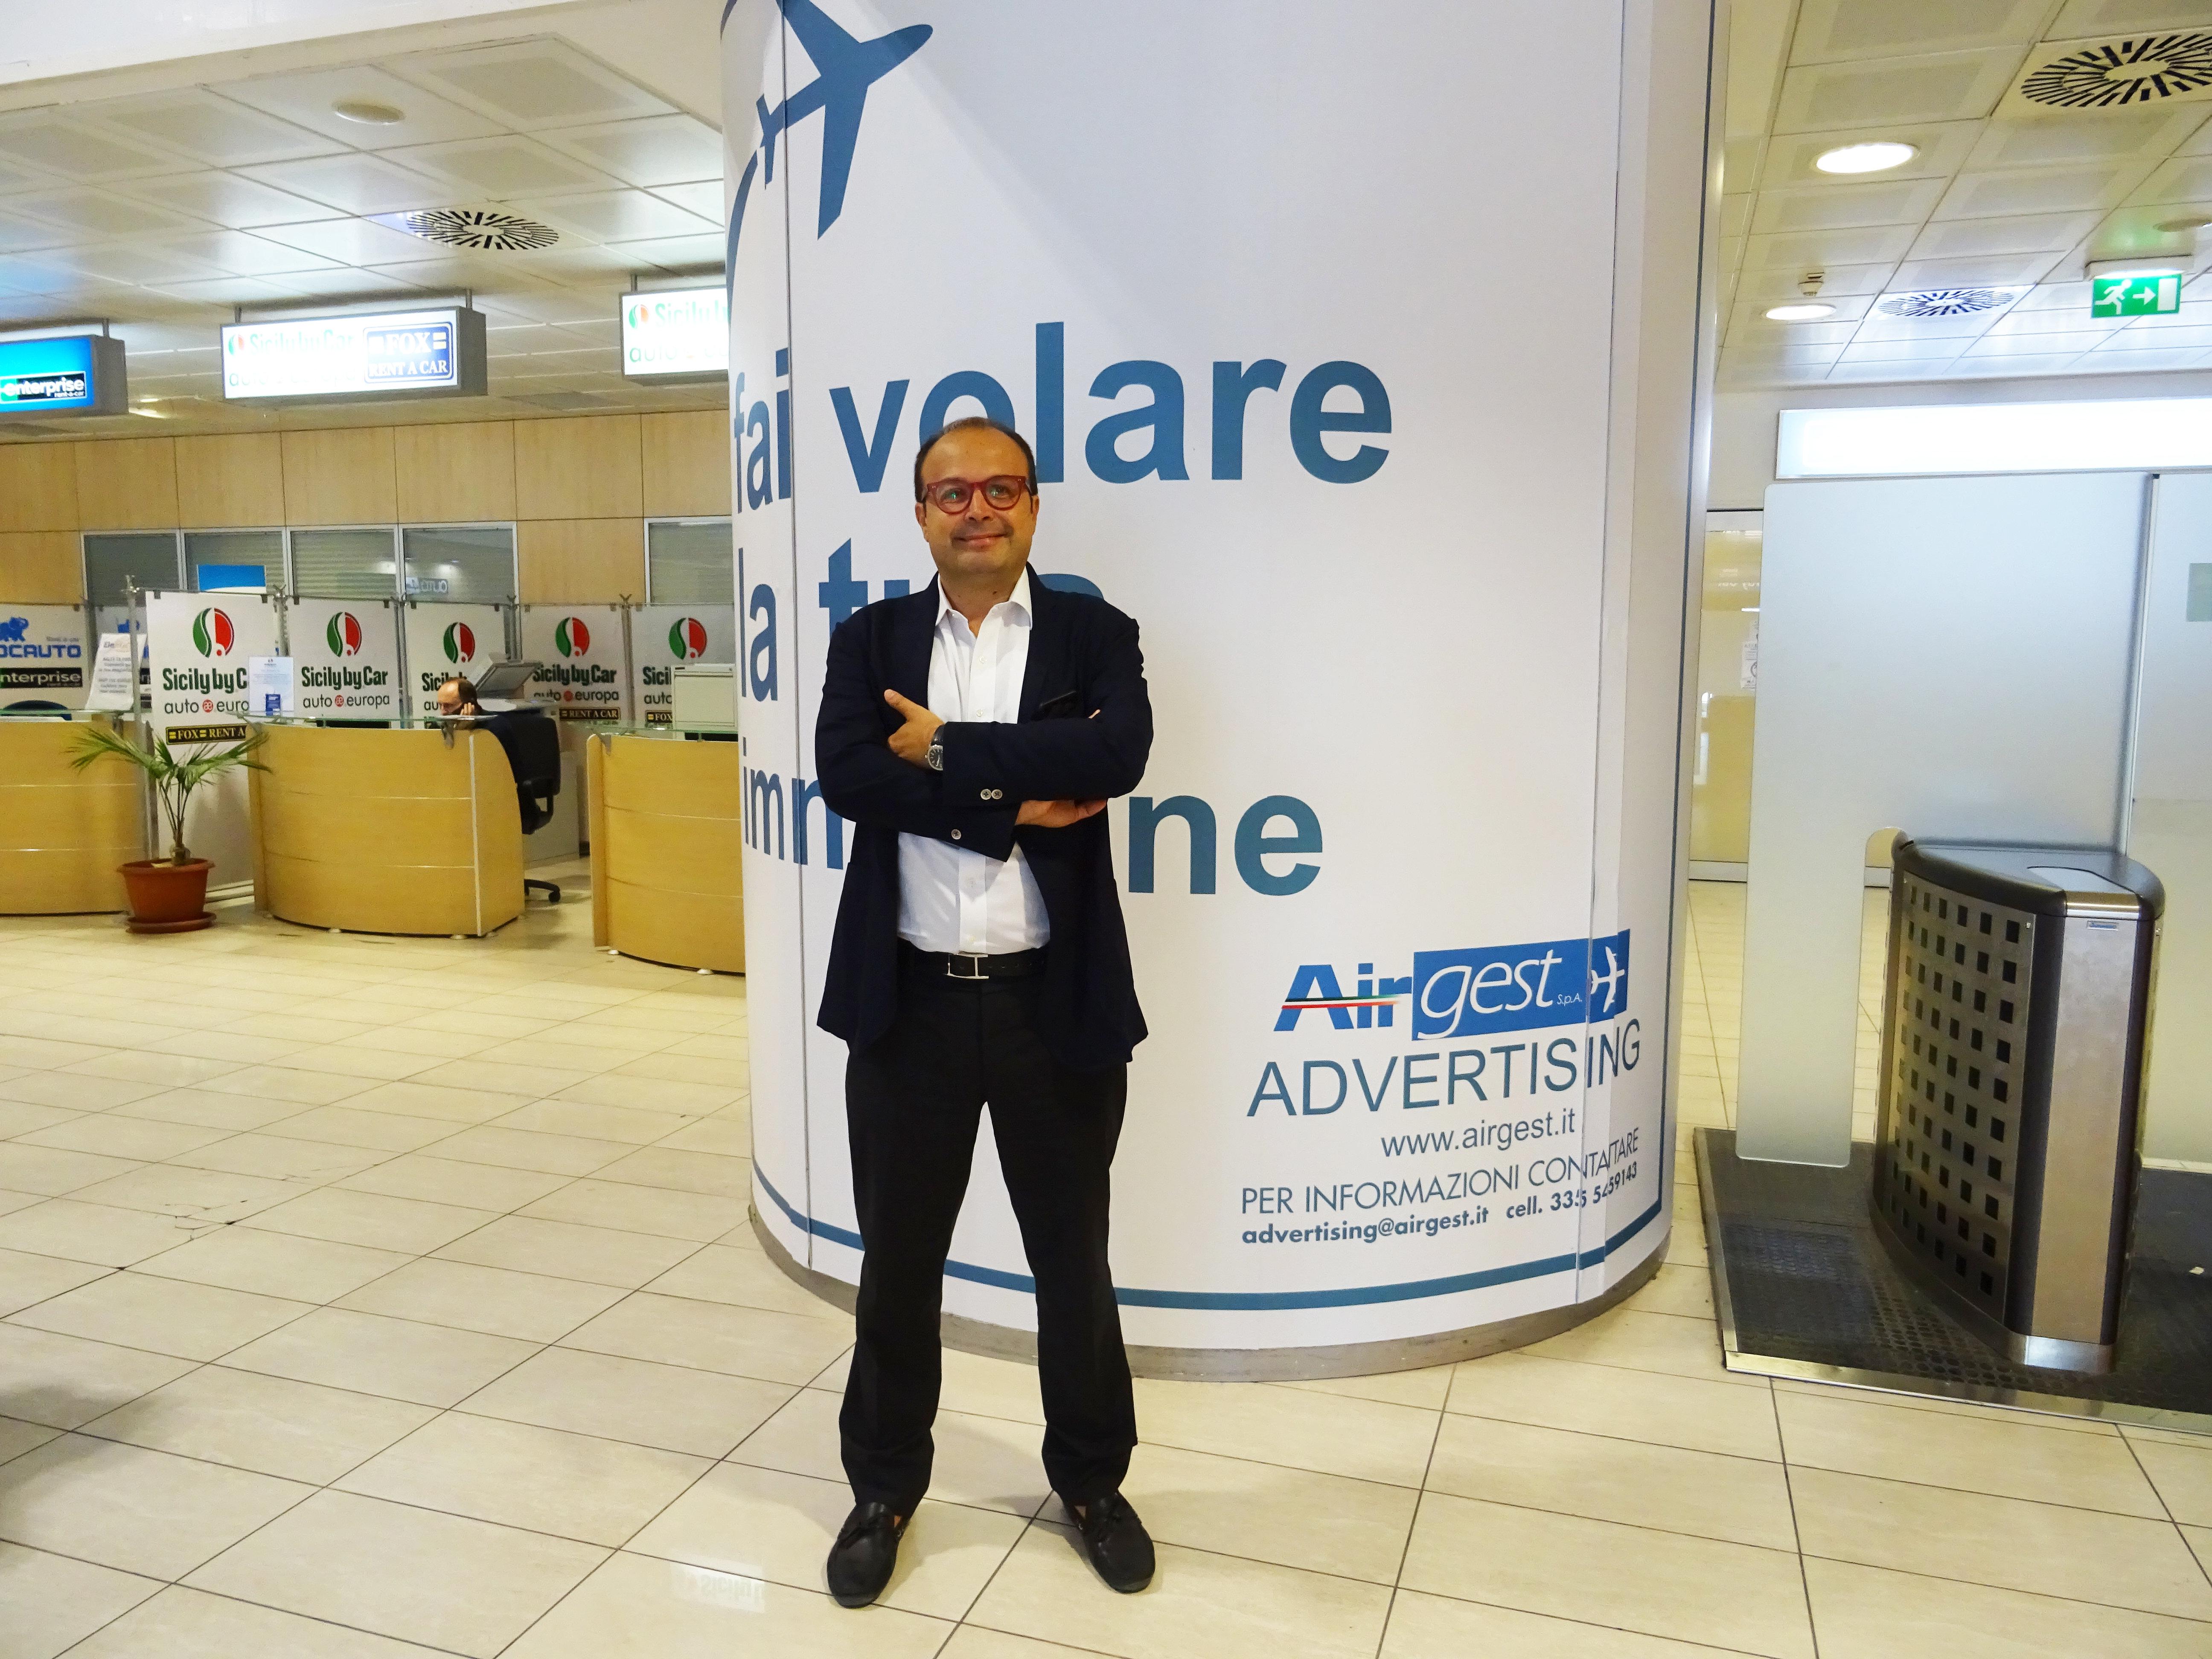 Il presidente di Airgest, Angius su votazione favorevole in commissione Ars su progetto di incremento turistico del territorio